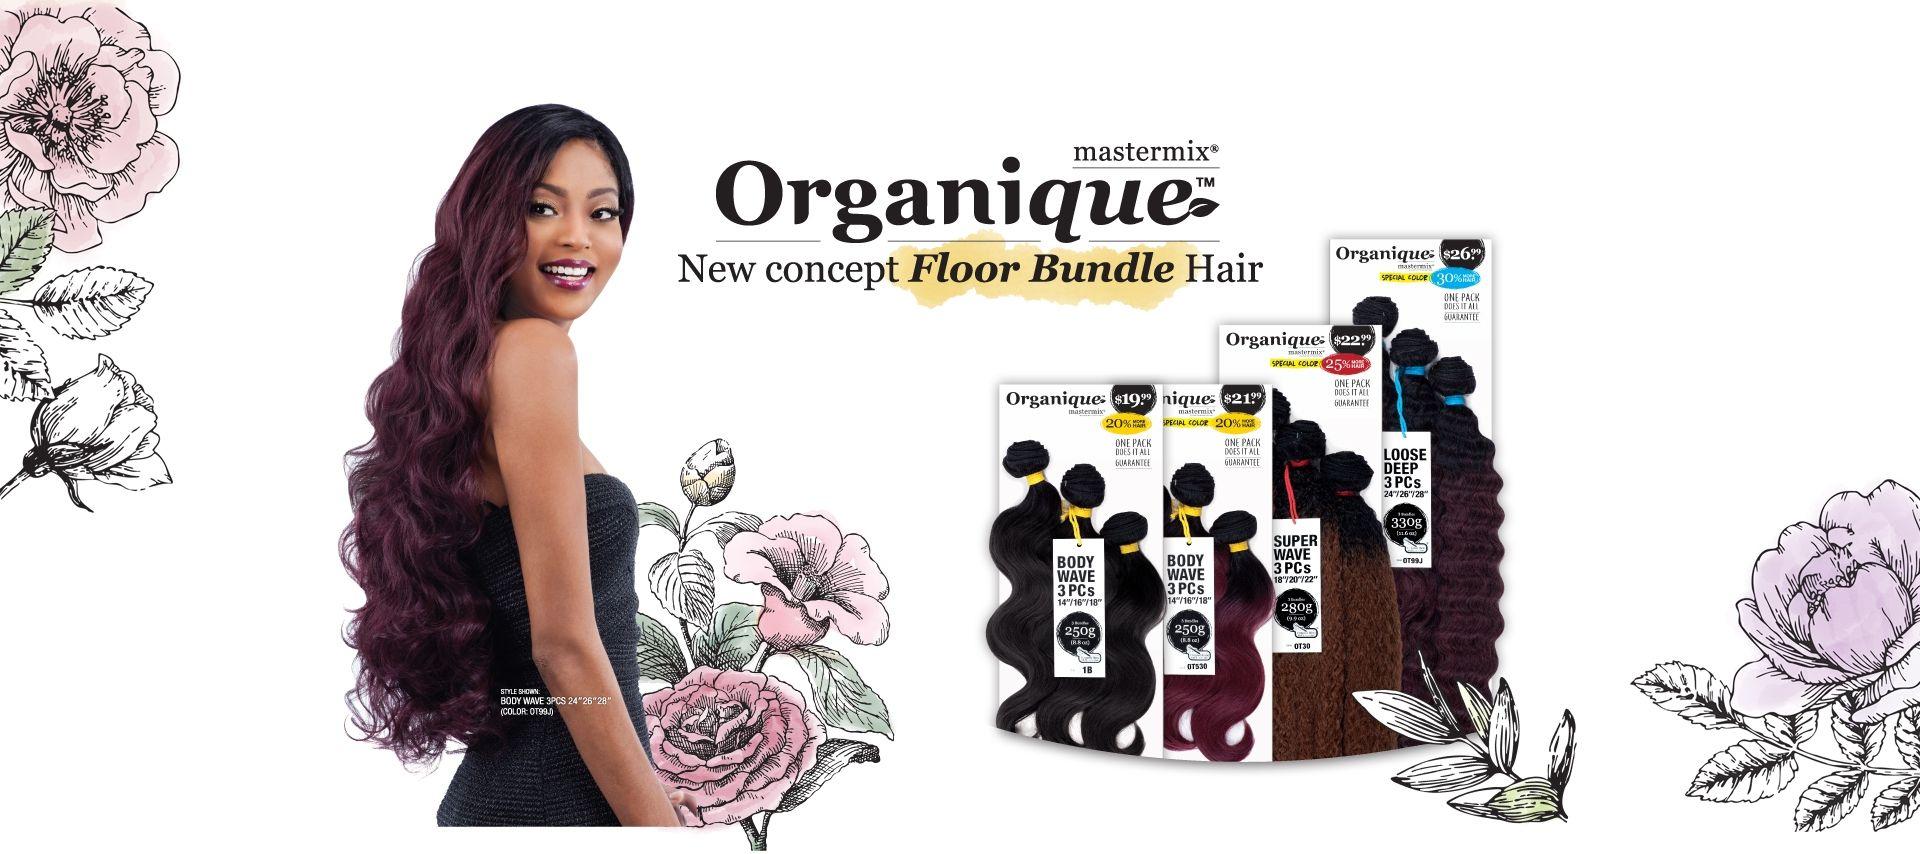 Home - Shake-N-Go Fashion, Inc. | Diy wig, Twist braids